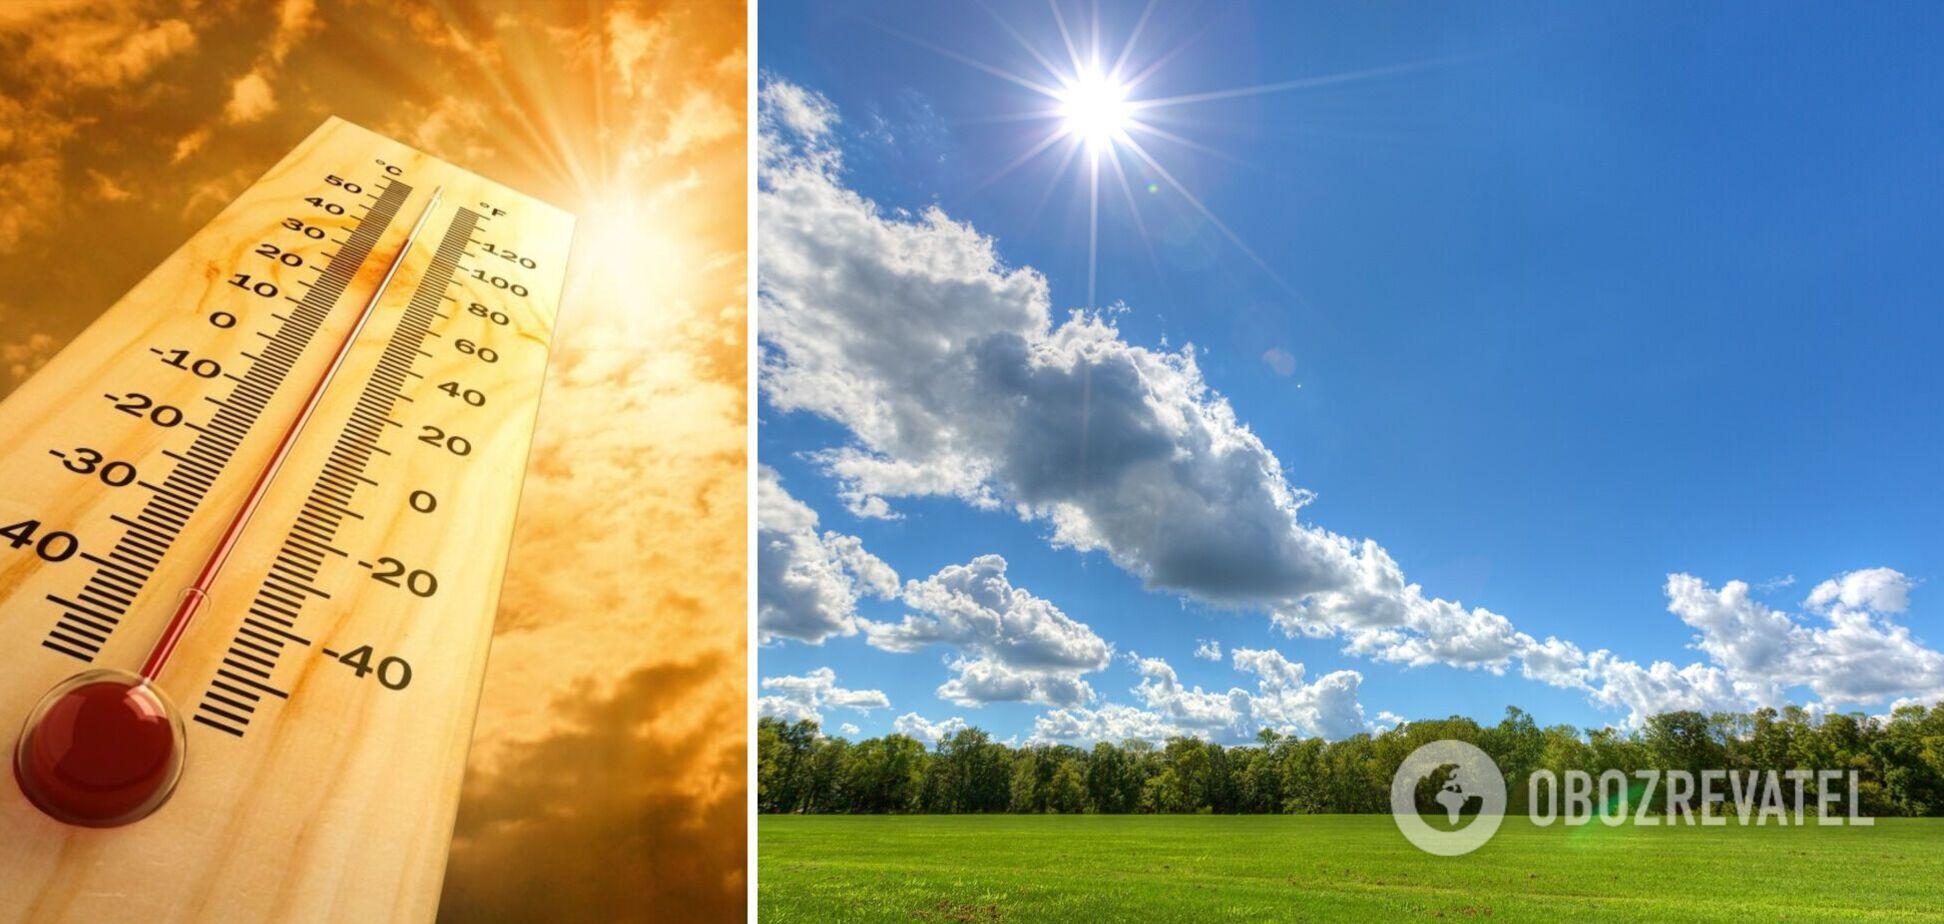 В Украину вернется жара, но не везде: прогноз погоды на субботу. Карта